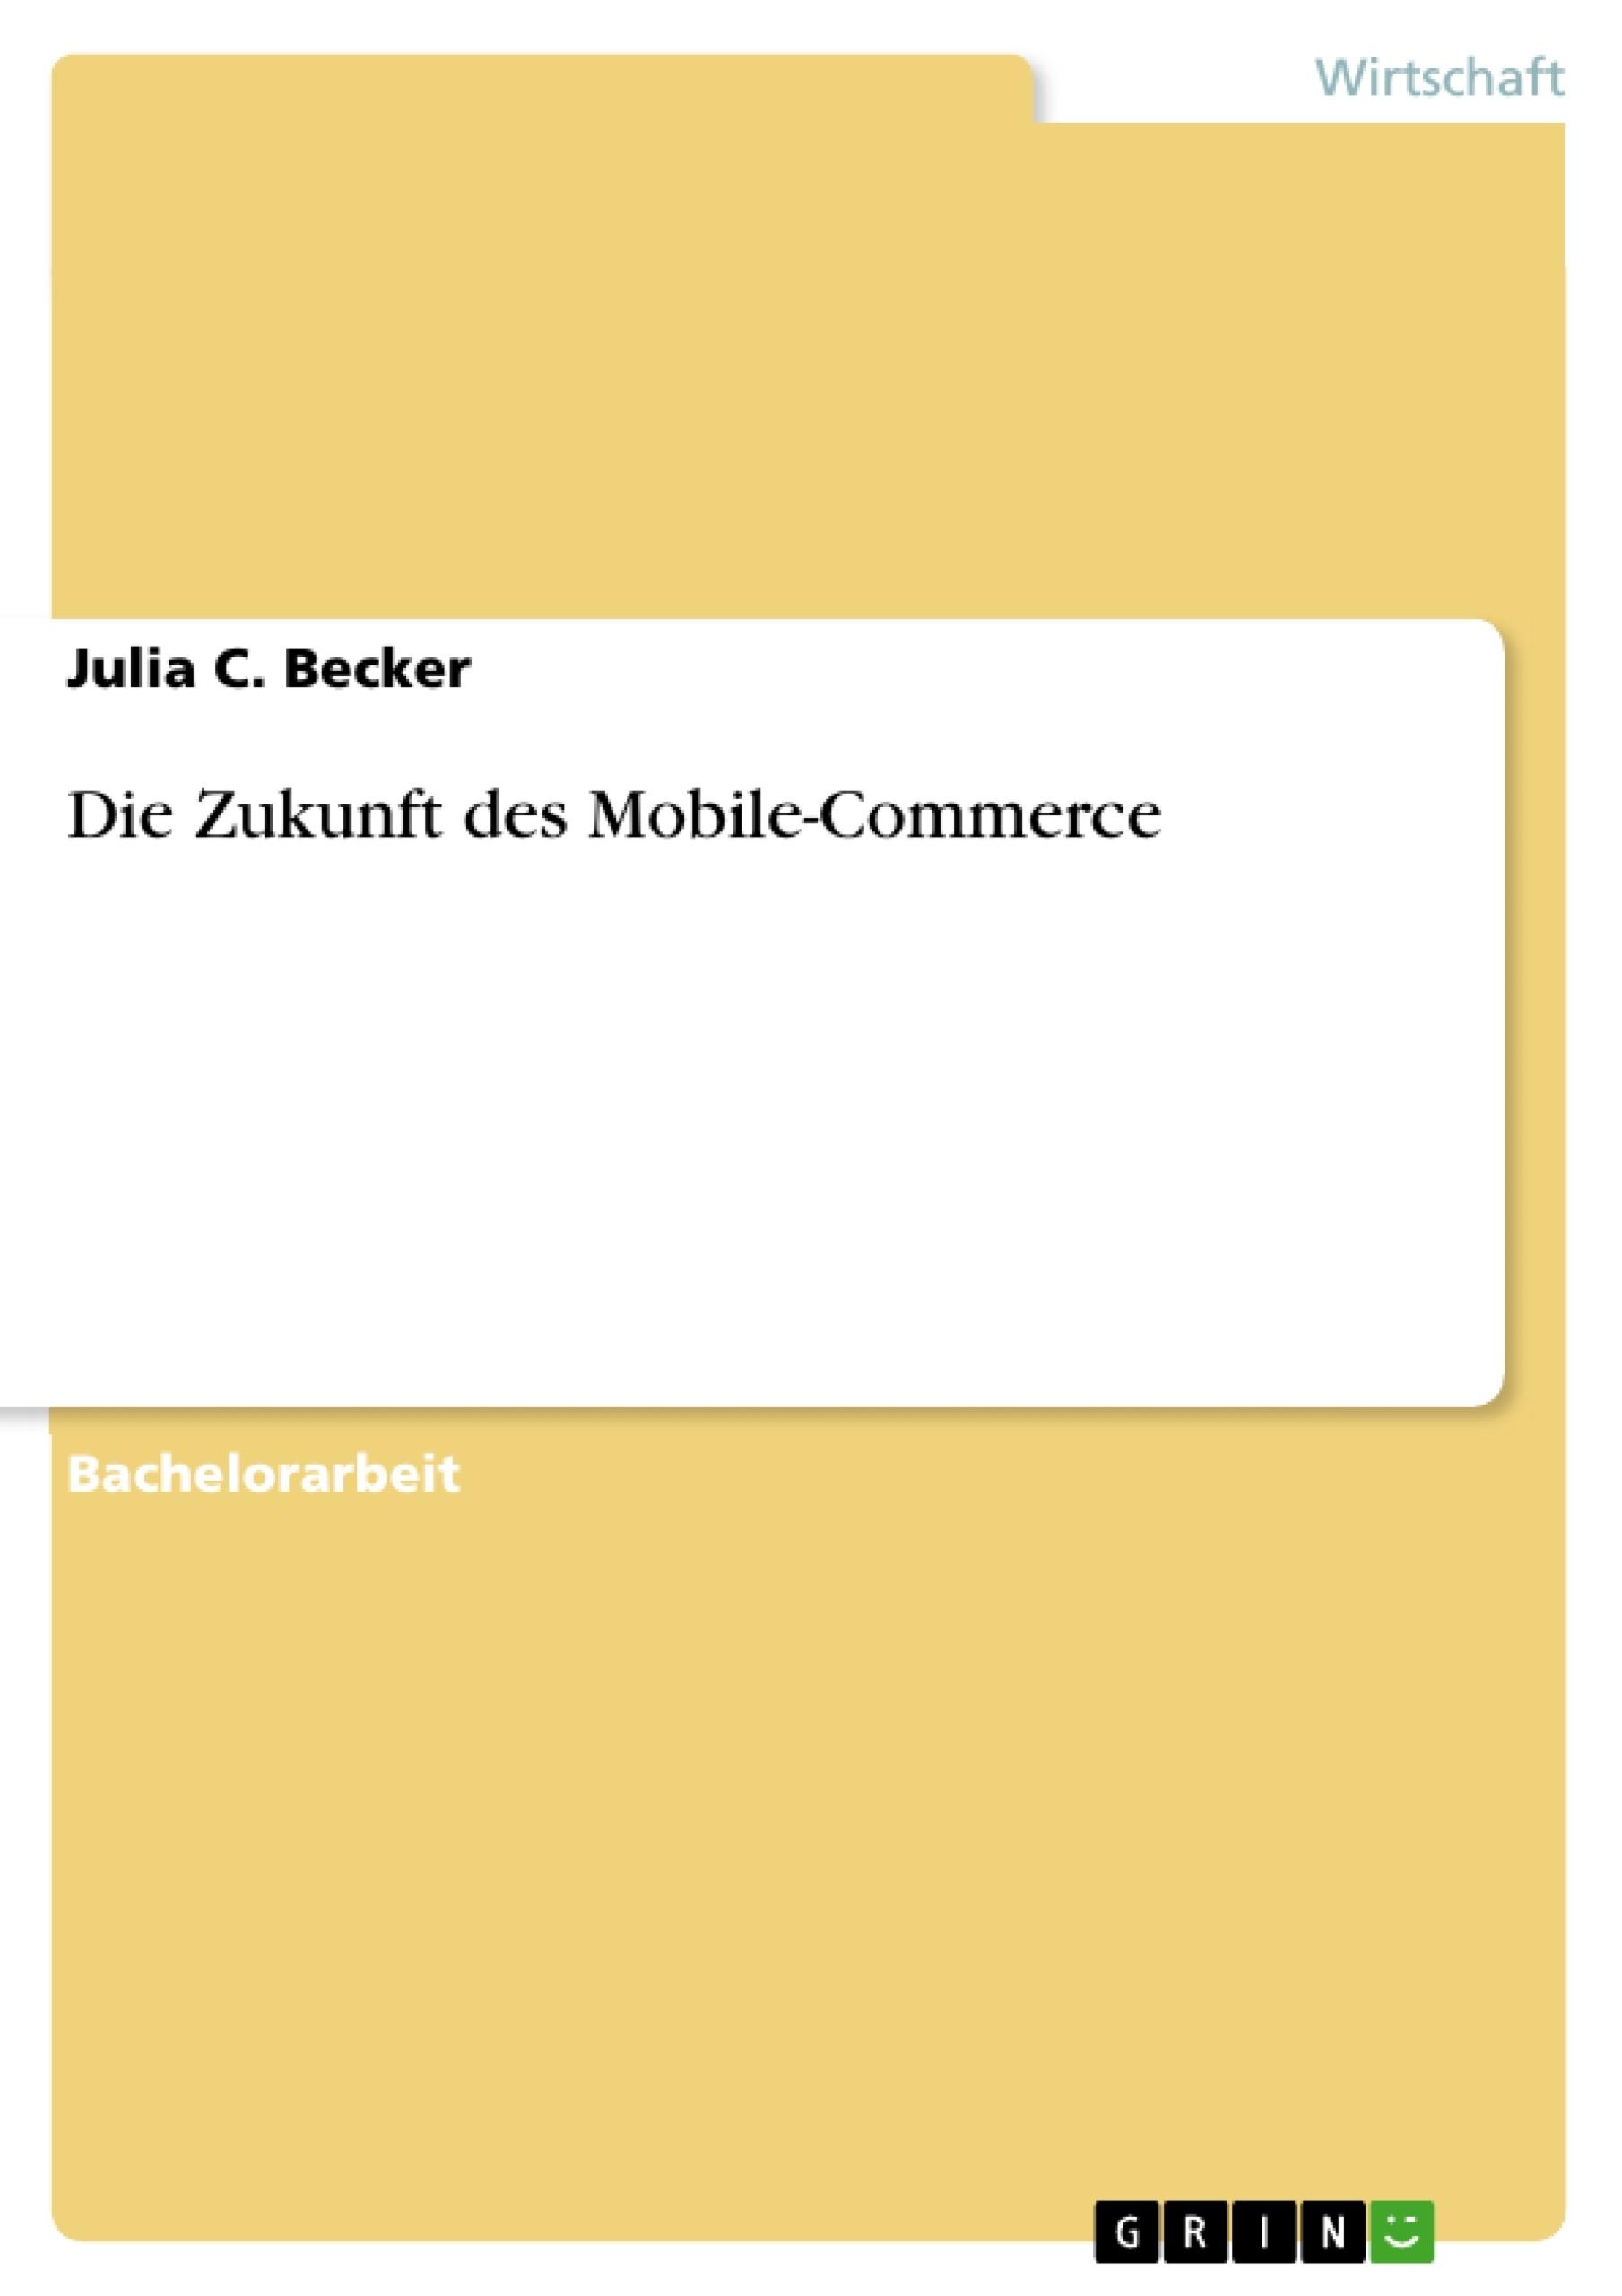 Titel: Die Zukunft des Mobile-Commerce